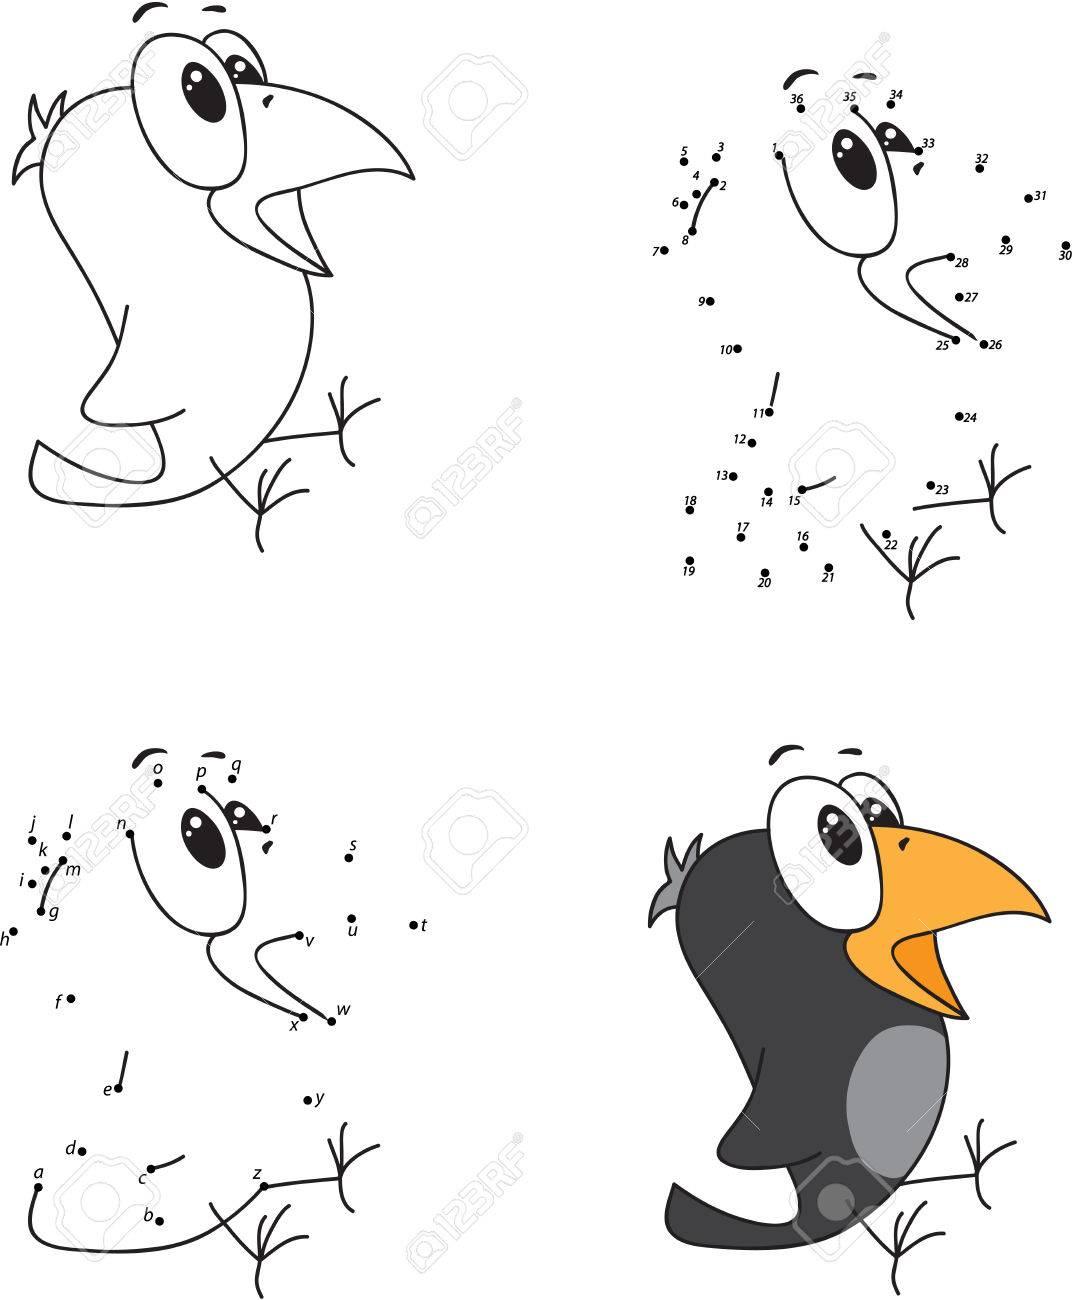 Cuervo Dibujos Animados Libro Para Colorear Y Punto A Punto Juego Educativo Para Niños